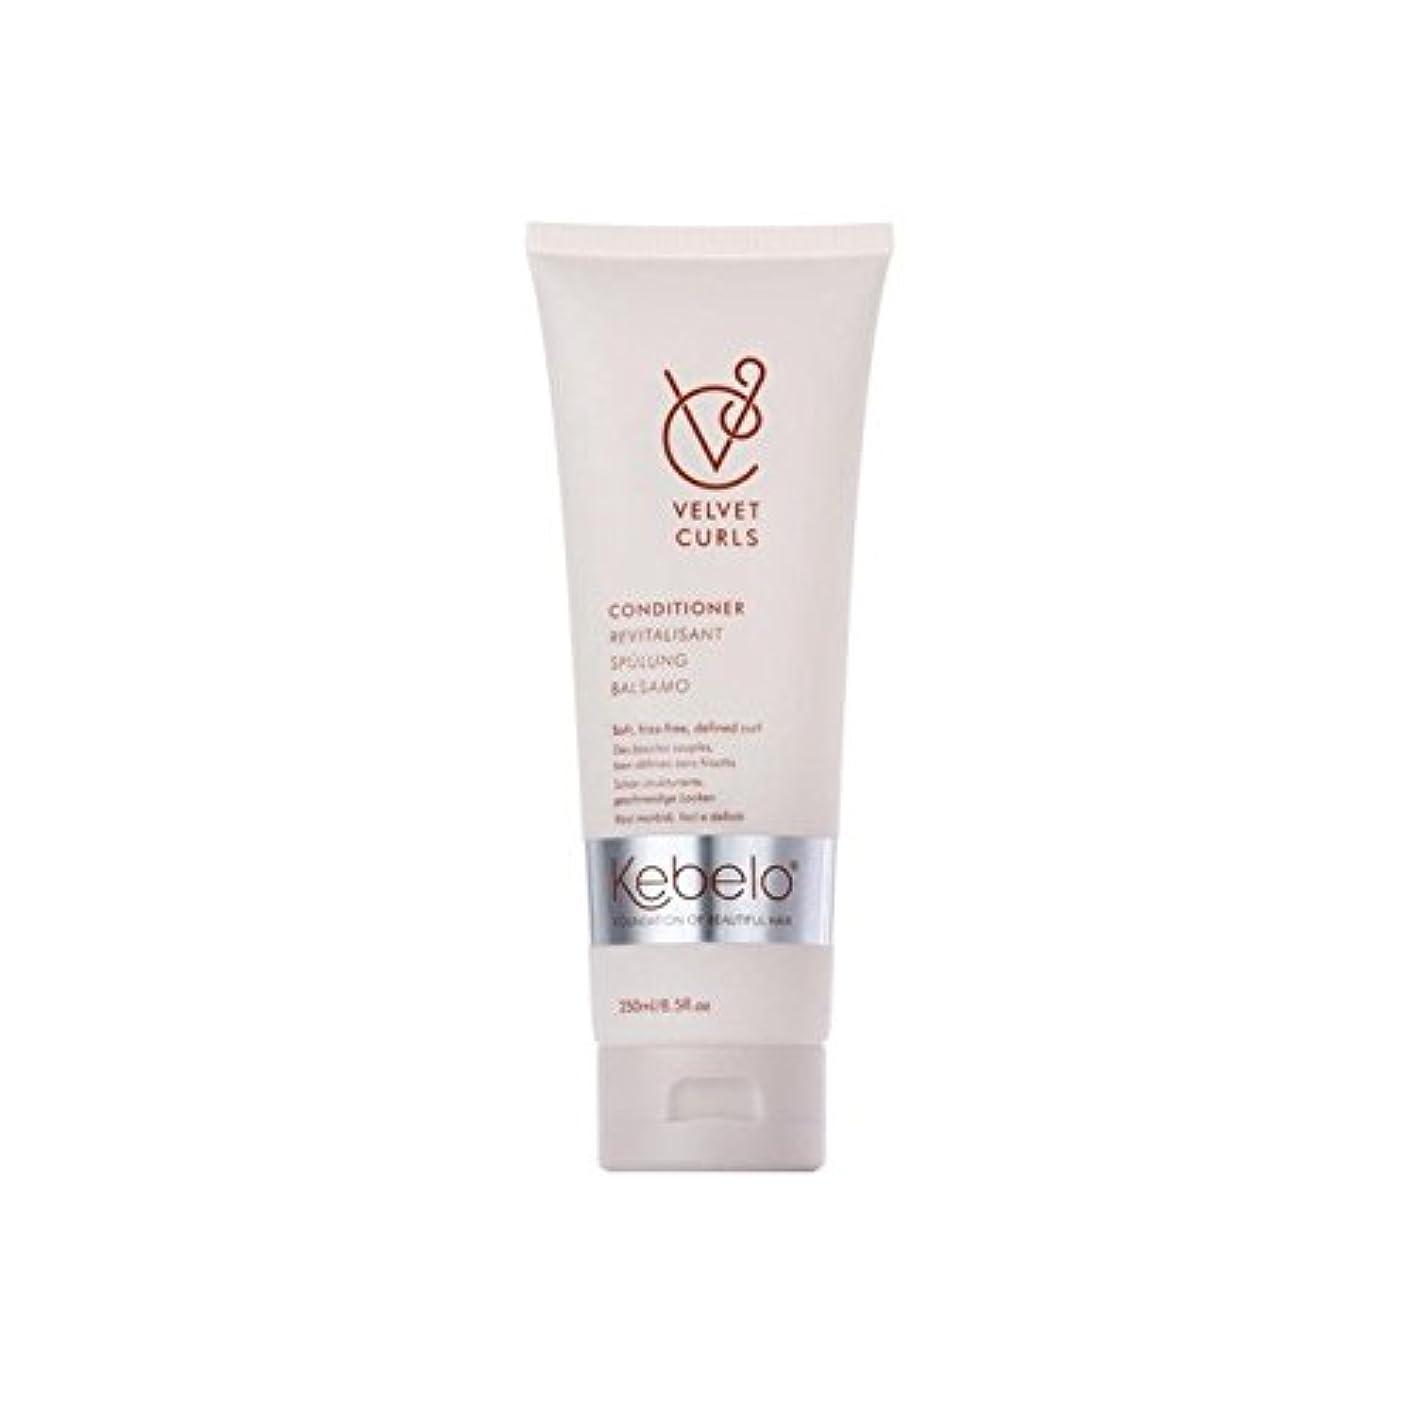 通り器具わざわざKebelo Velvet Curls Conditioner (250ml) (Pack of 6) - ベルベットのカールコンディショナー(250ミリリットル) x6 [並行輸入品]